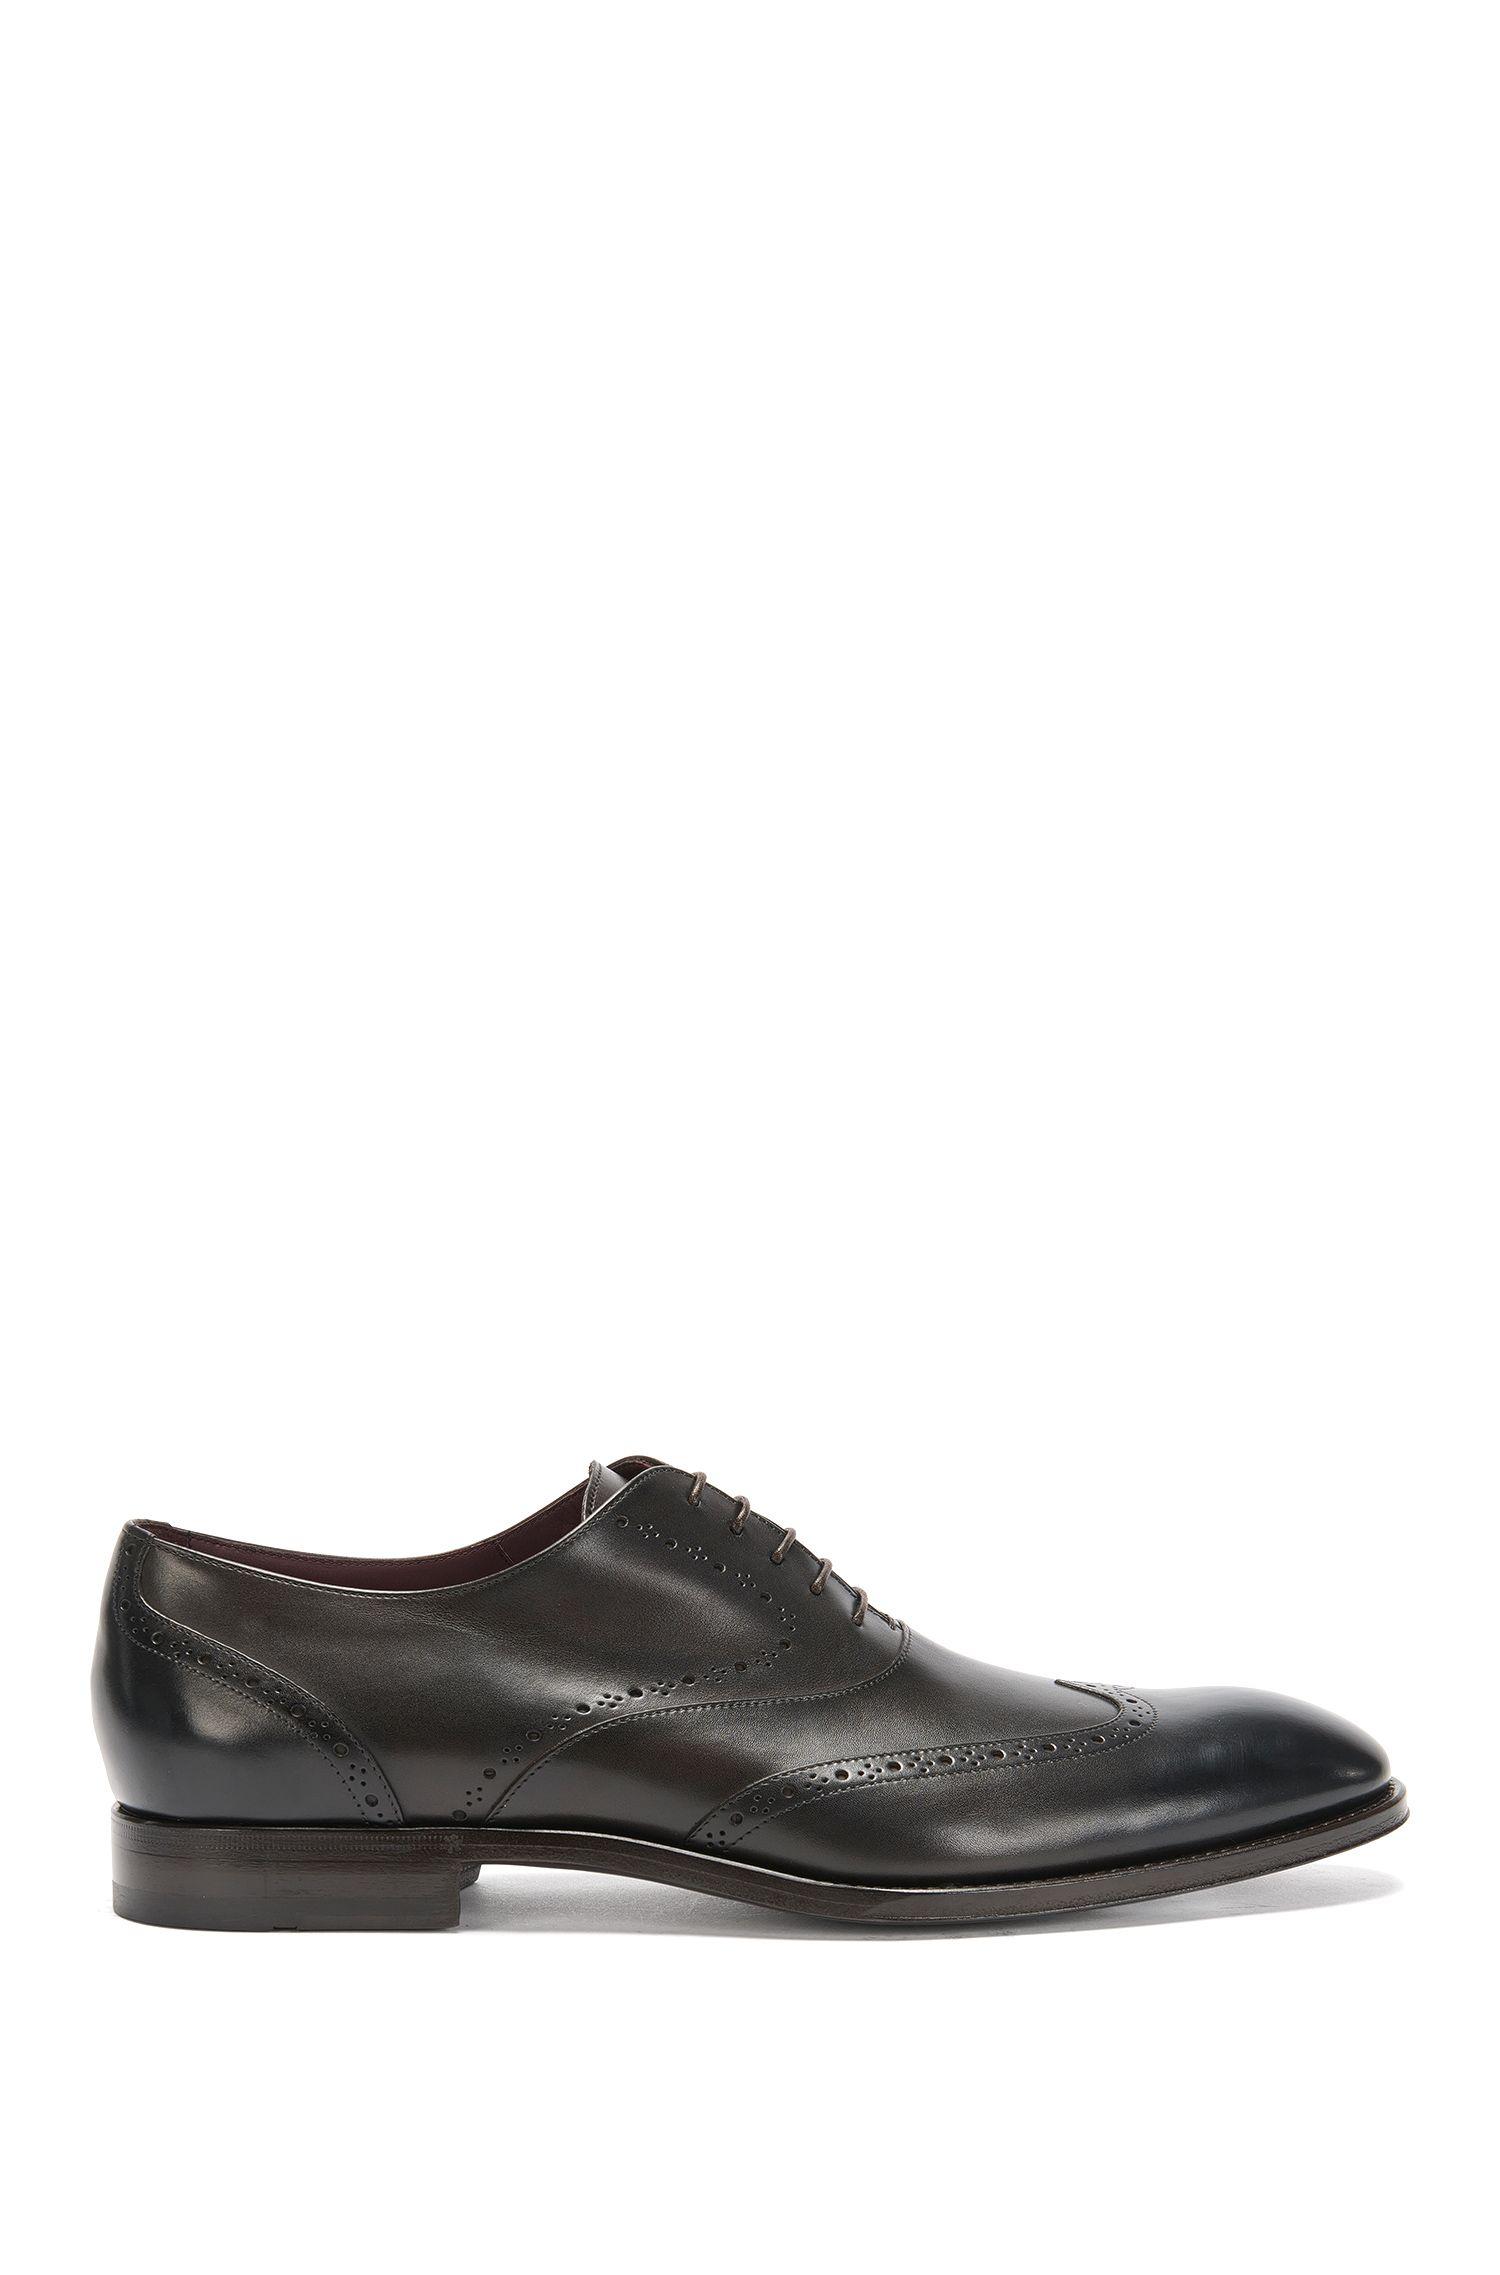 Chaussures à lacets Tailored en cuir de style richelieu: «T-Legend_Oxfr_wt»